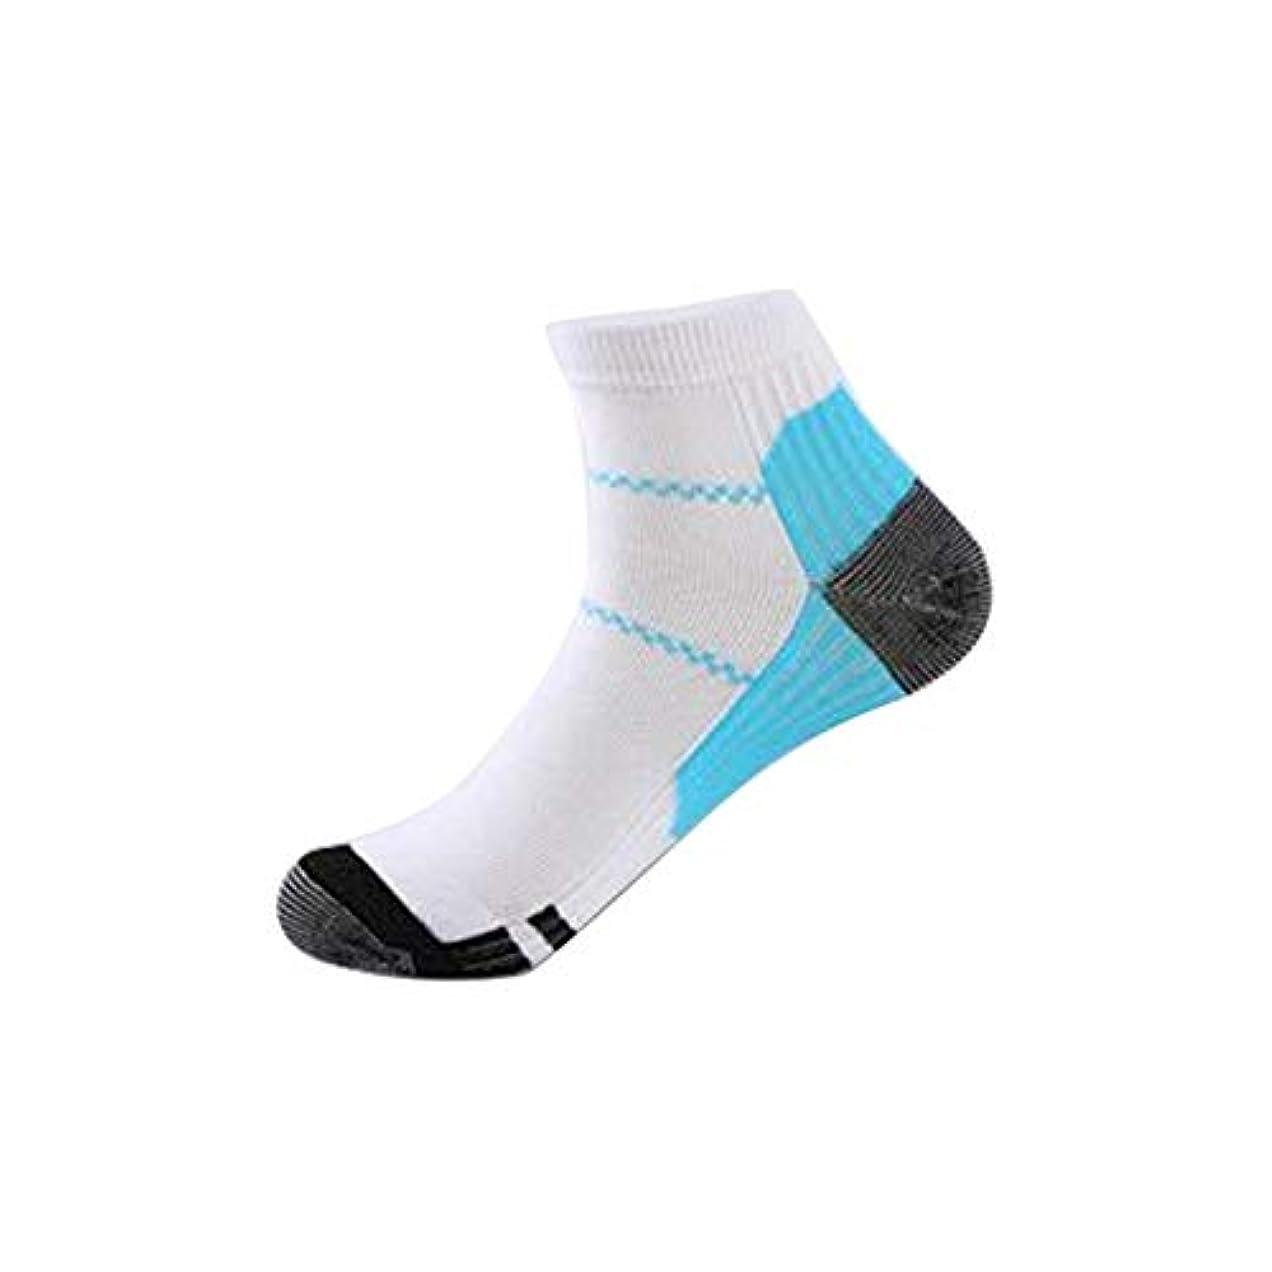 設計図トリクル強打快適な男性女性ファッション短いストレッチ圧縮靴下膝ソックスサポートストレッチ通気性ソックス - ホワイト&ブルーS/M